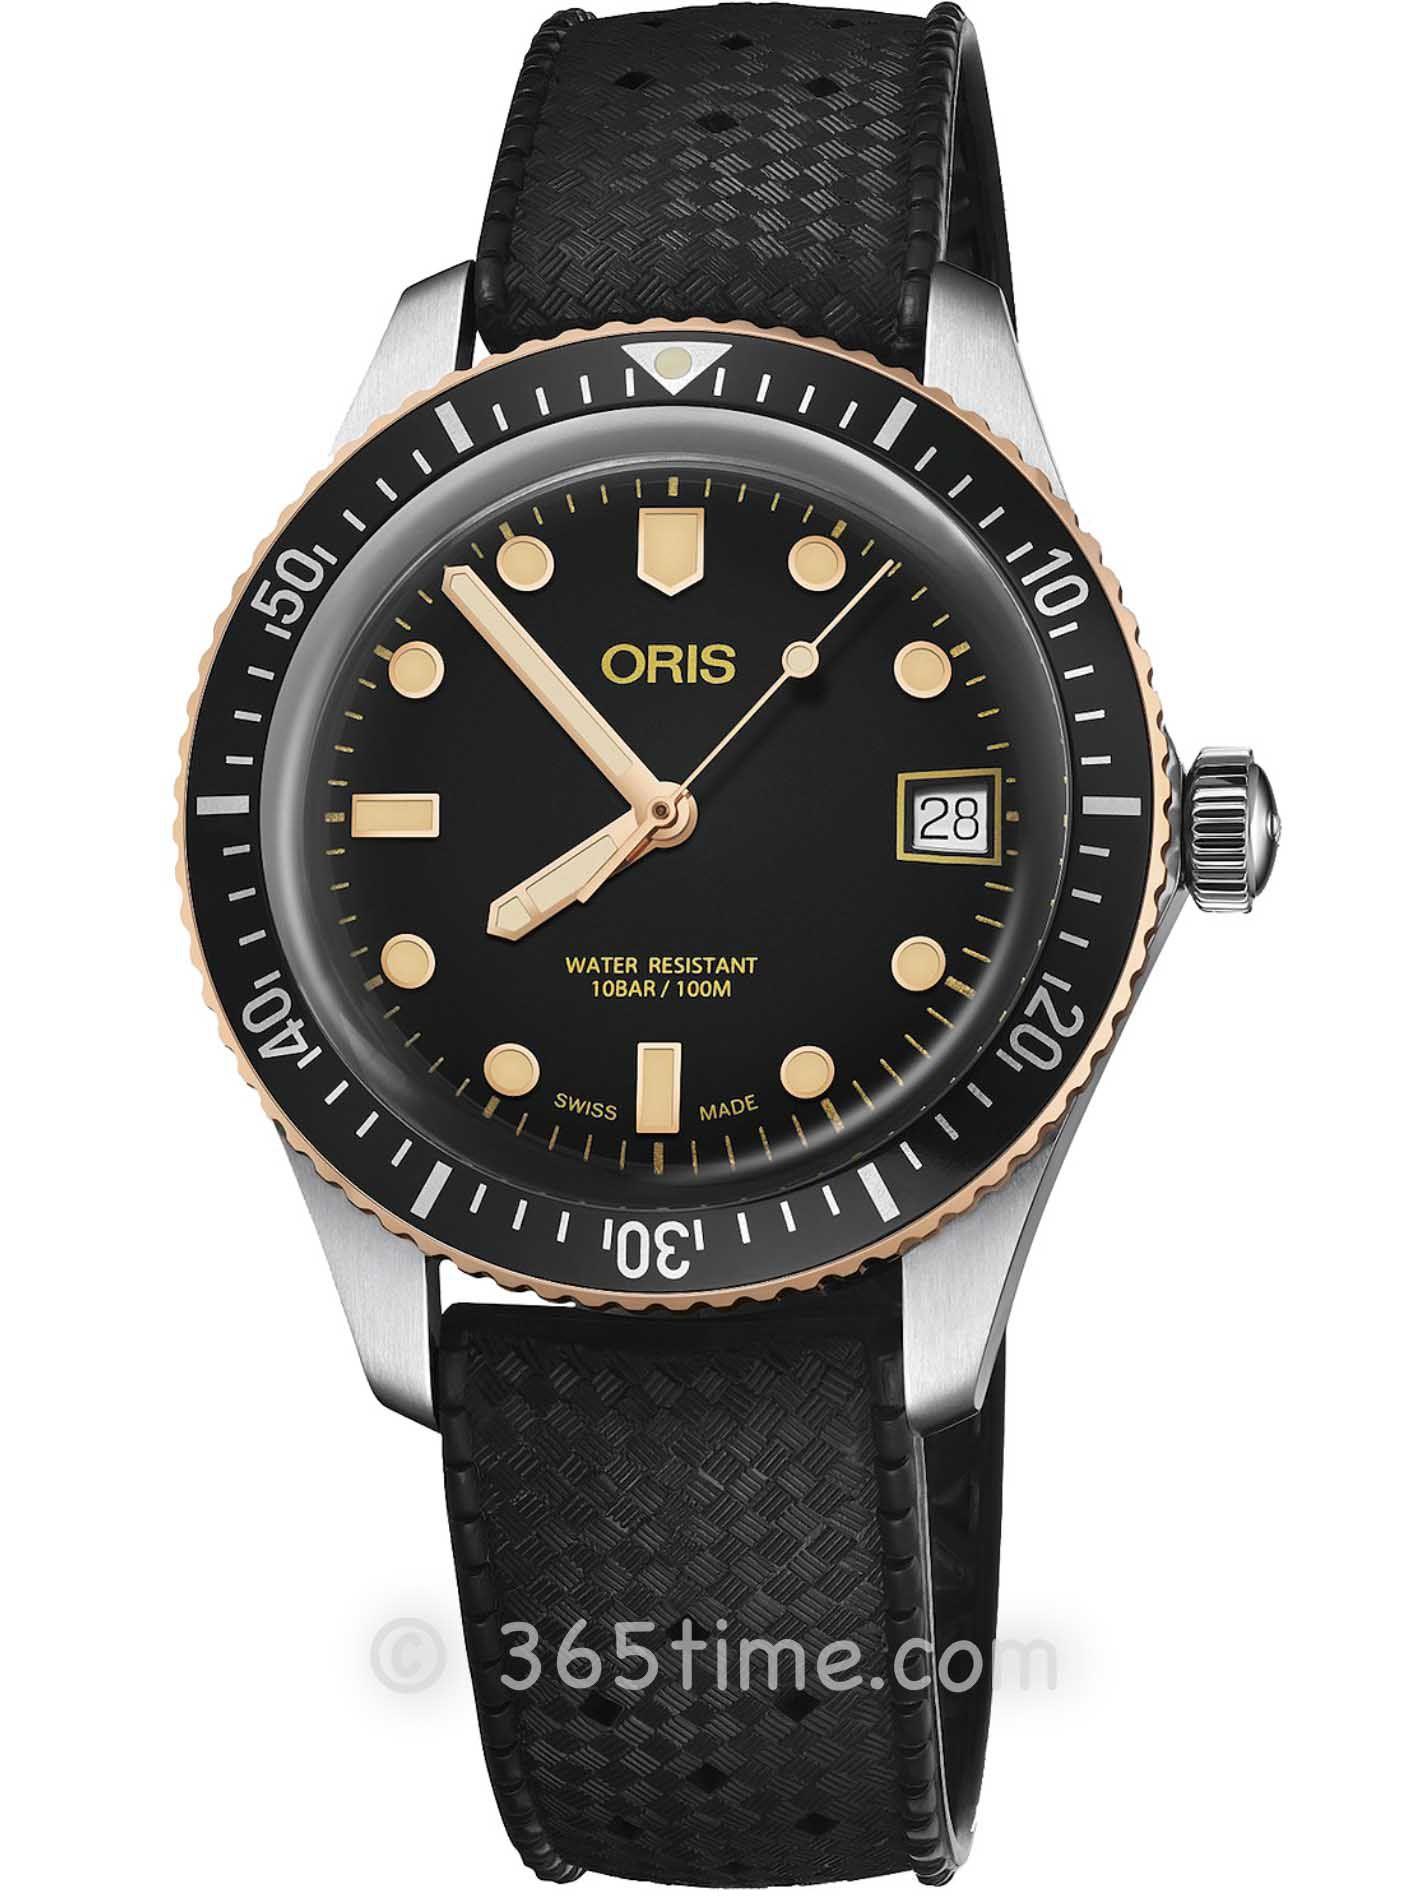 Oris豪利时潜水系列65年复刻版潜水腕表01 733 7747 4354-07 4 17 18